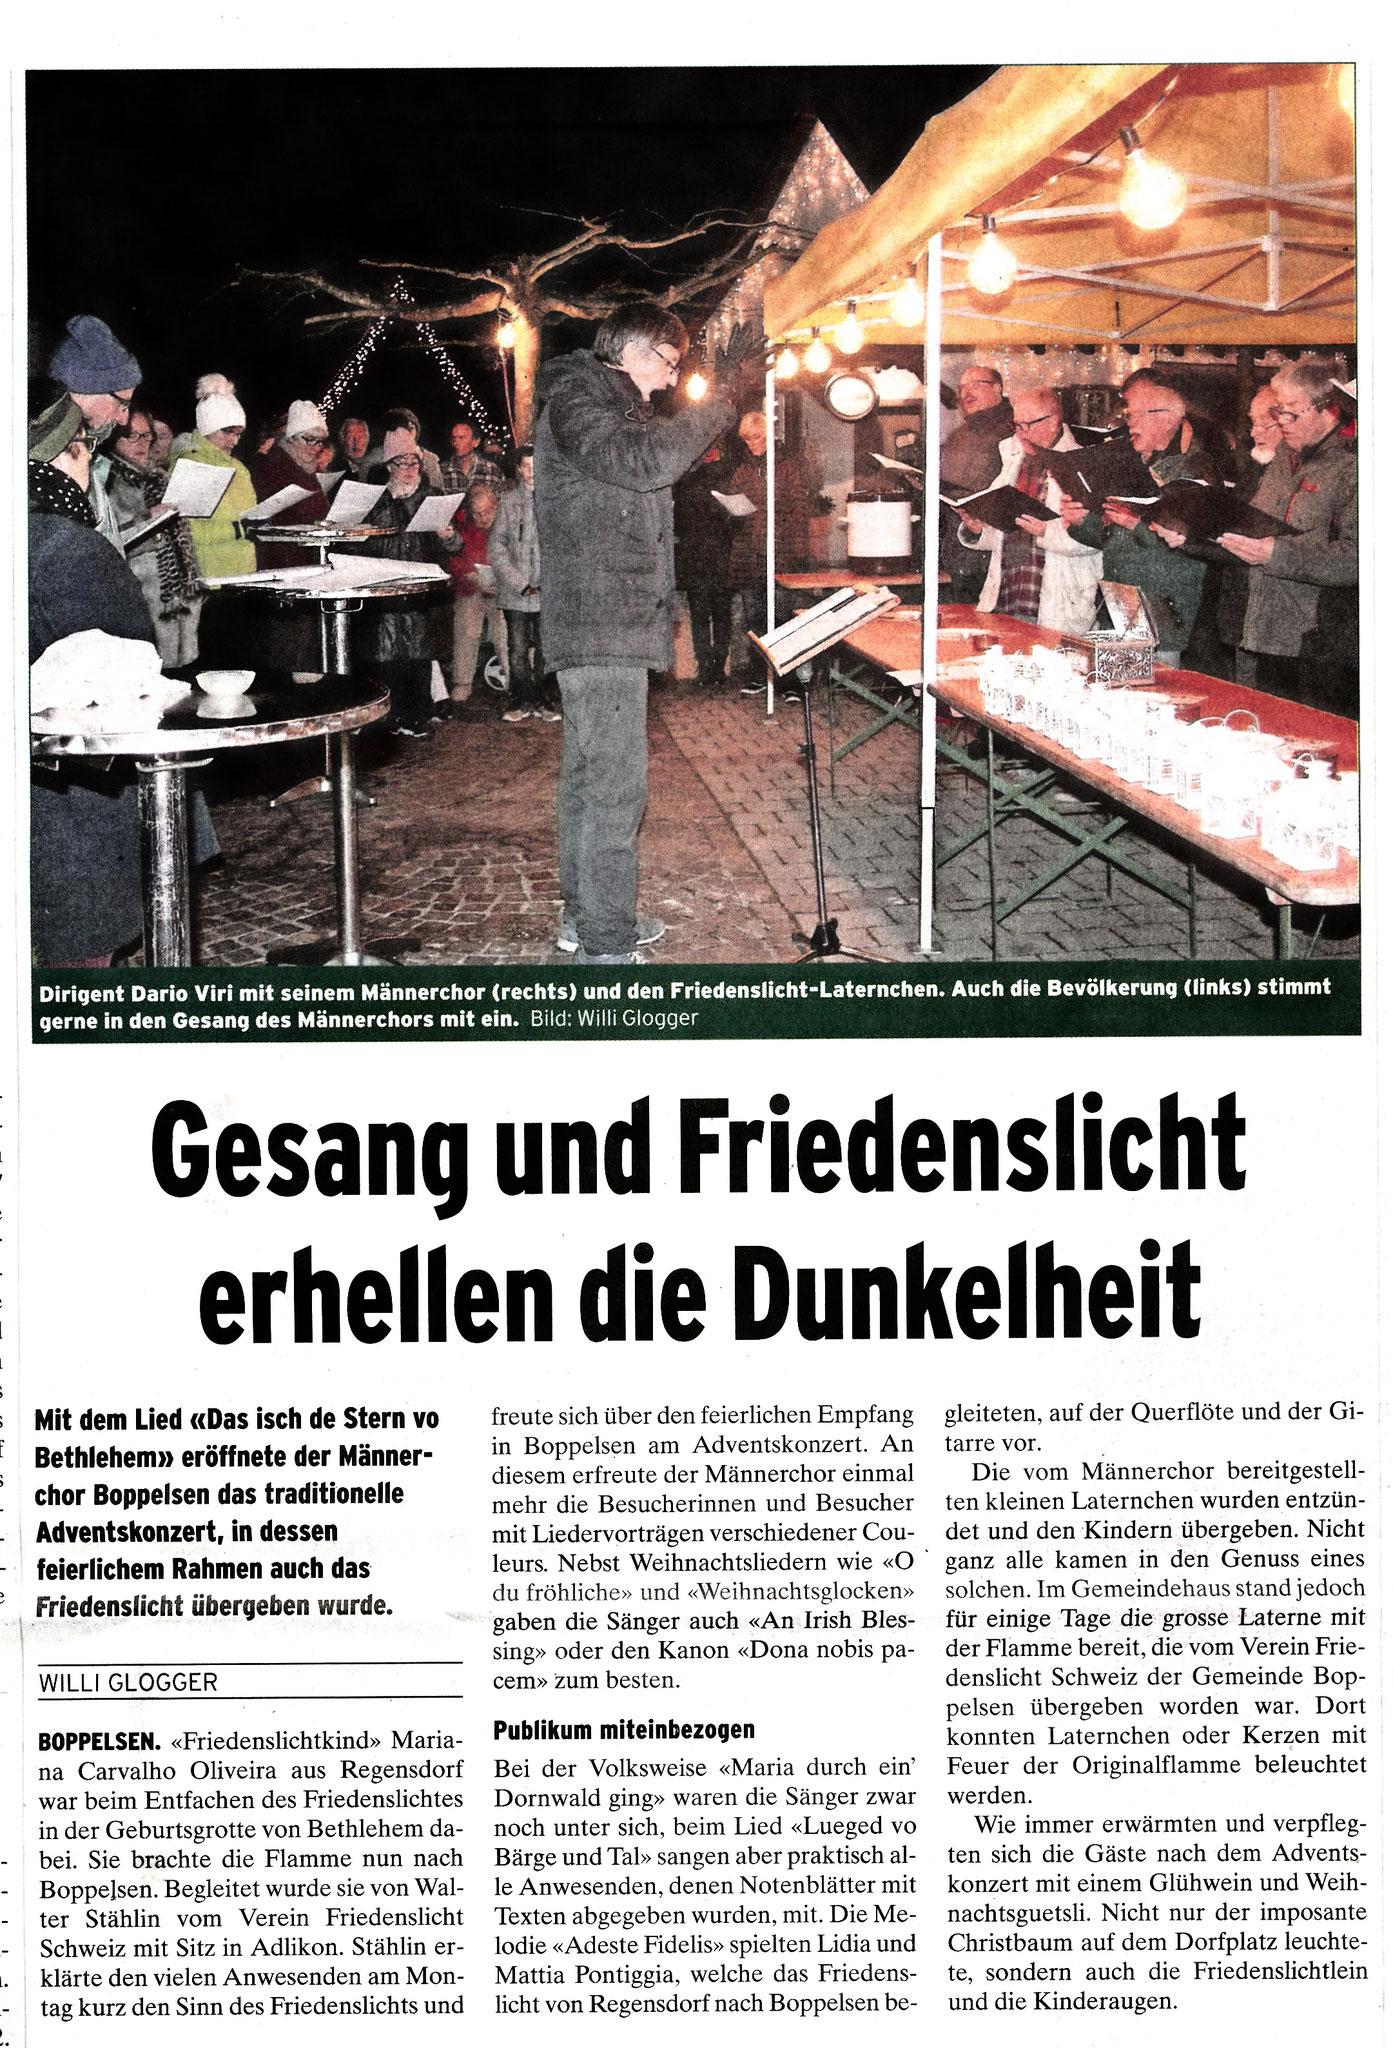 Bericht von Willi Glogger im Furttaler vom 16.12.2016